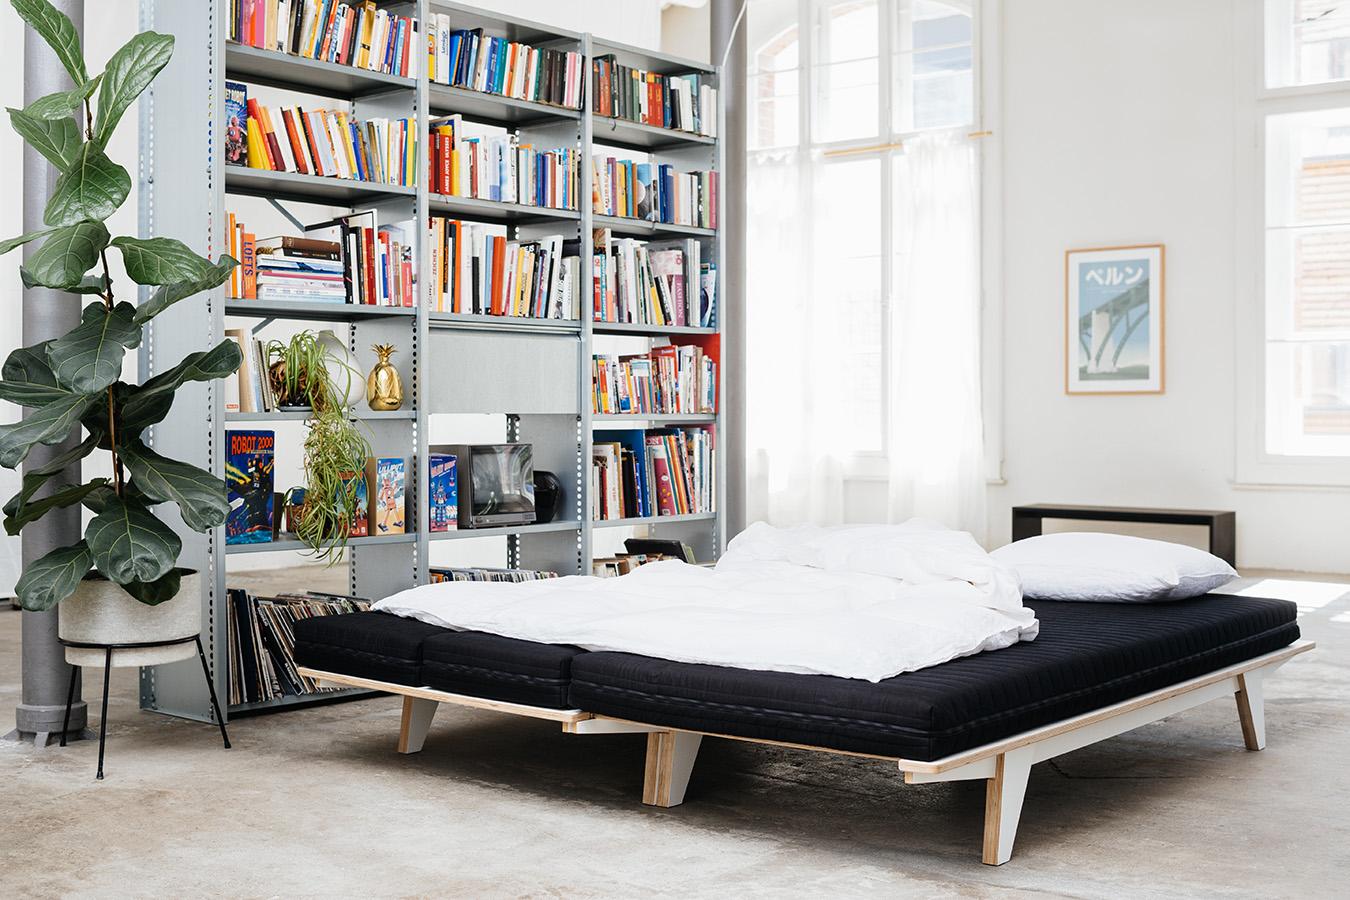 die neuheit von seledue ist sowohl designer sofa wie auch doppelbett proud magazine. Black Bedroom Furniture Sets. Home Design Ideas